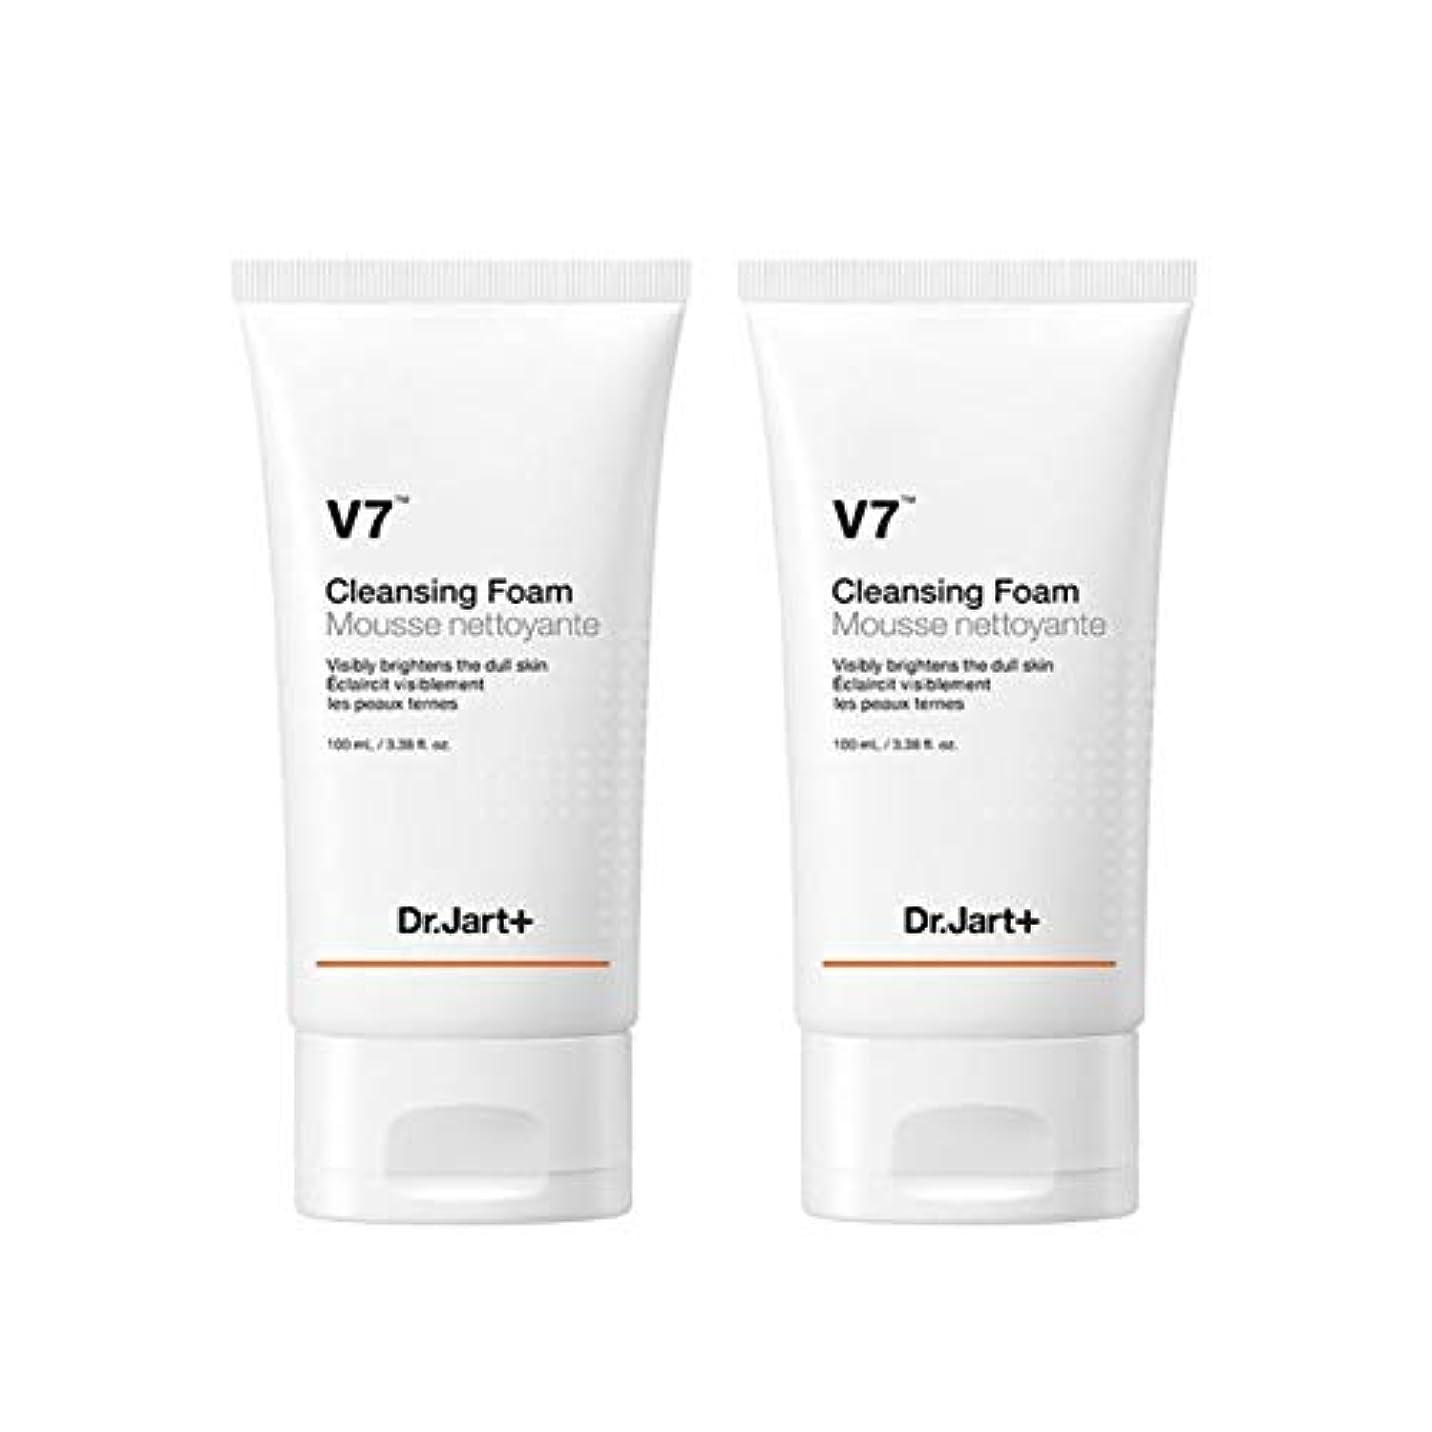 日記ビジョン政令ドクタージャルトゥV7クレンジングフォーム100mlx2本セット韓国コスメ、Dr.Jart V7 Cleansing Foam 100ml x 2ea Set Korean Cosmetics [並行輸入品]